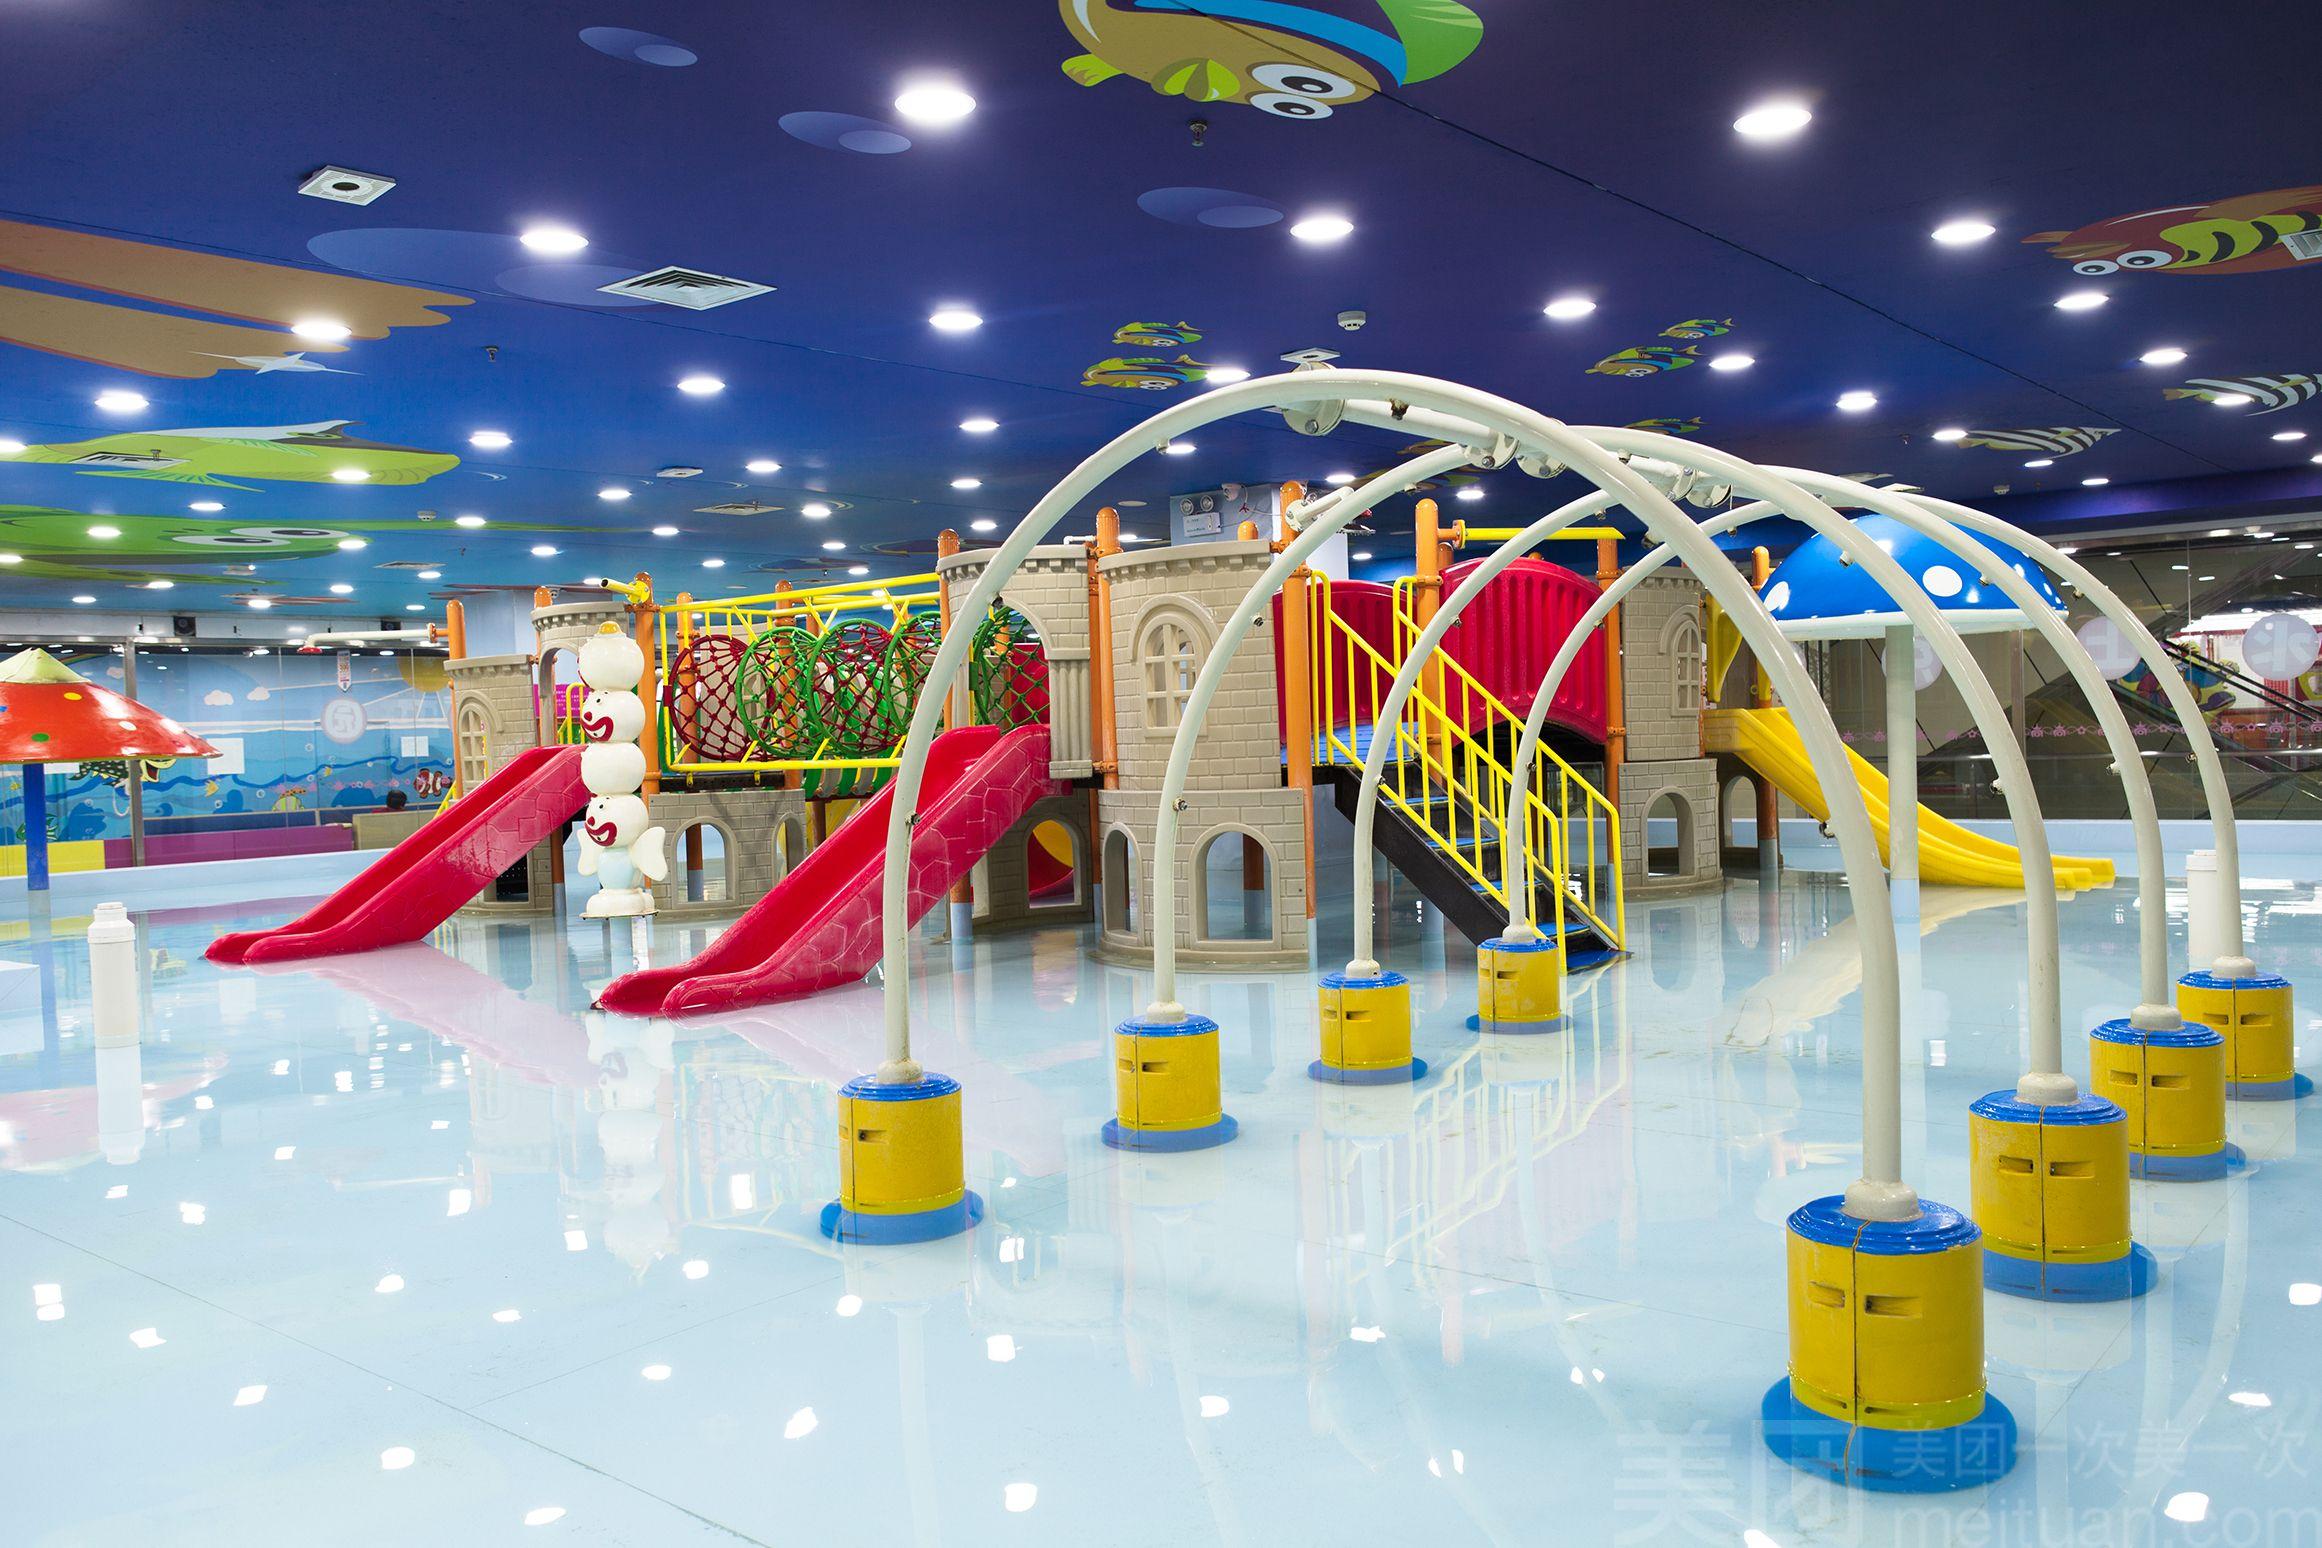 韩式专业孕婴童摄影,儿童理发,水上乐园,儿童游泳馆,电玩游戏,亲子